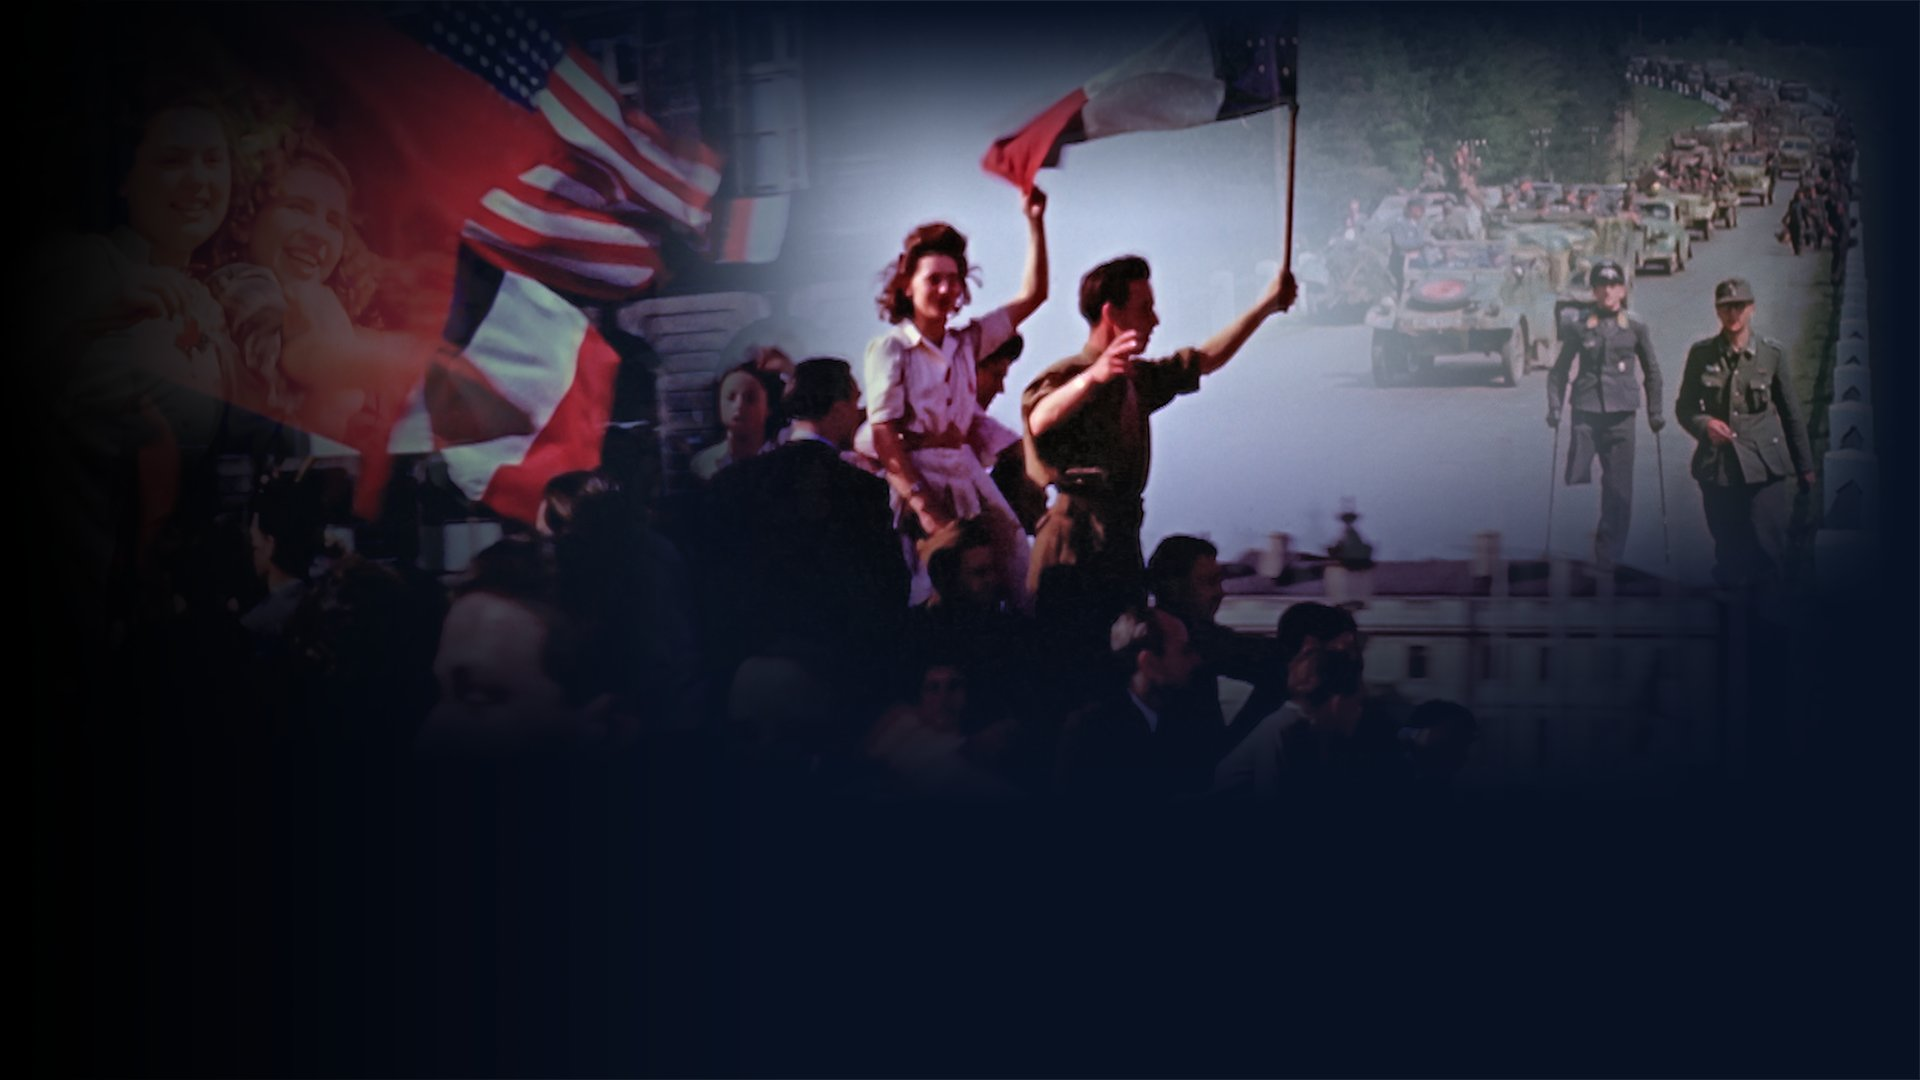 fond 8 mai 1945